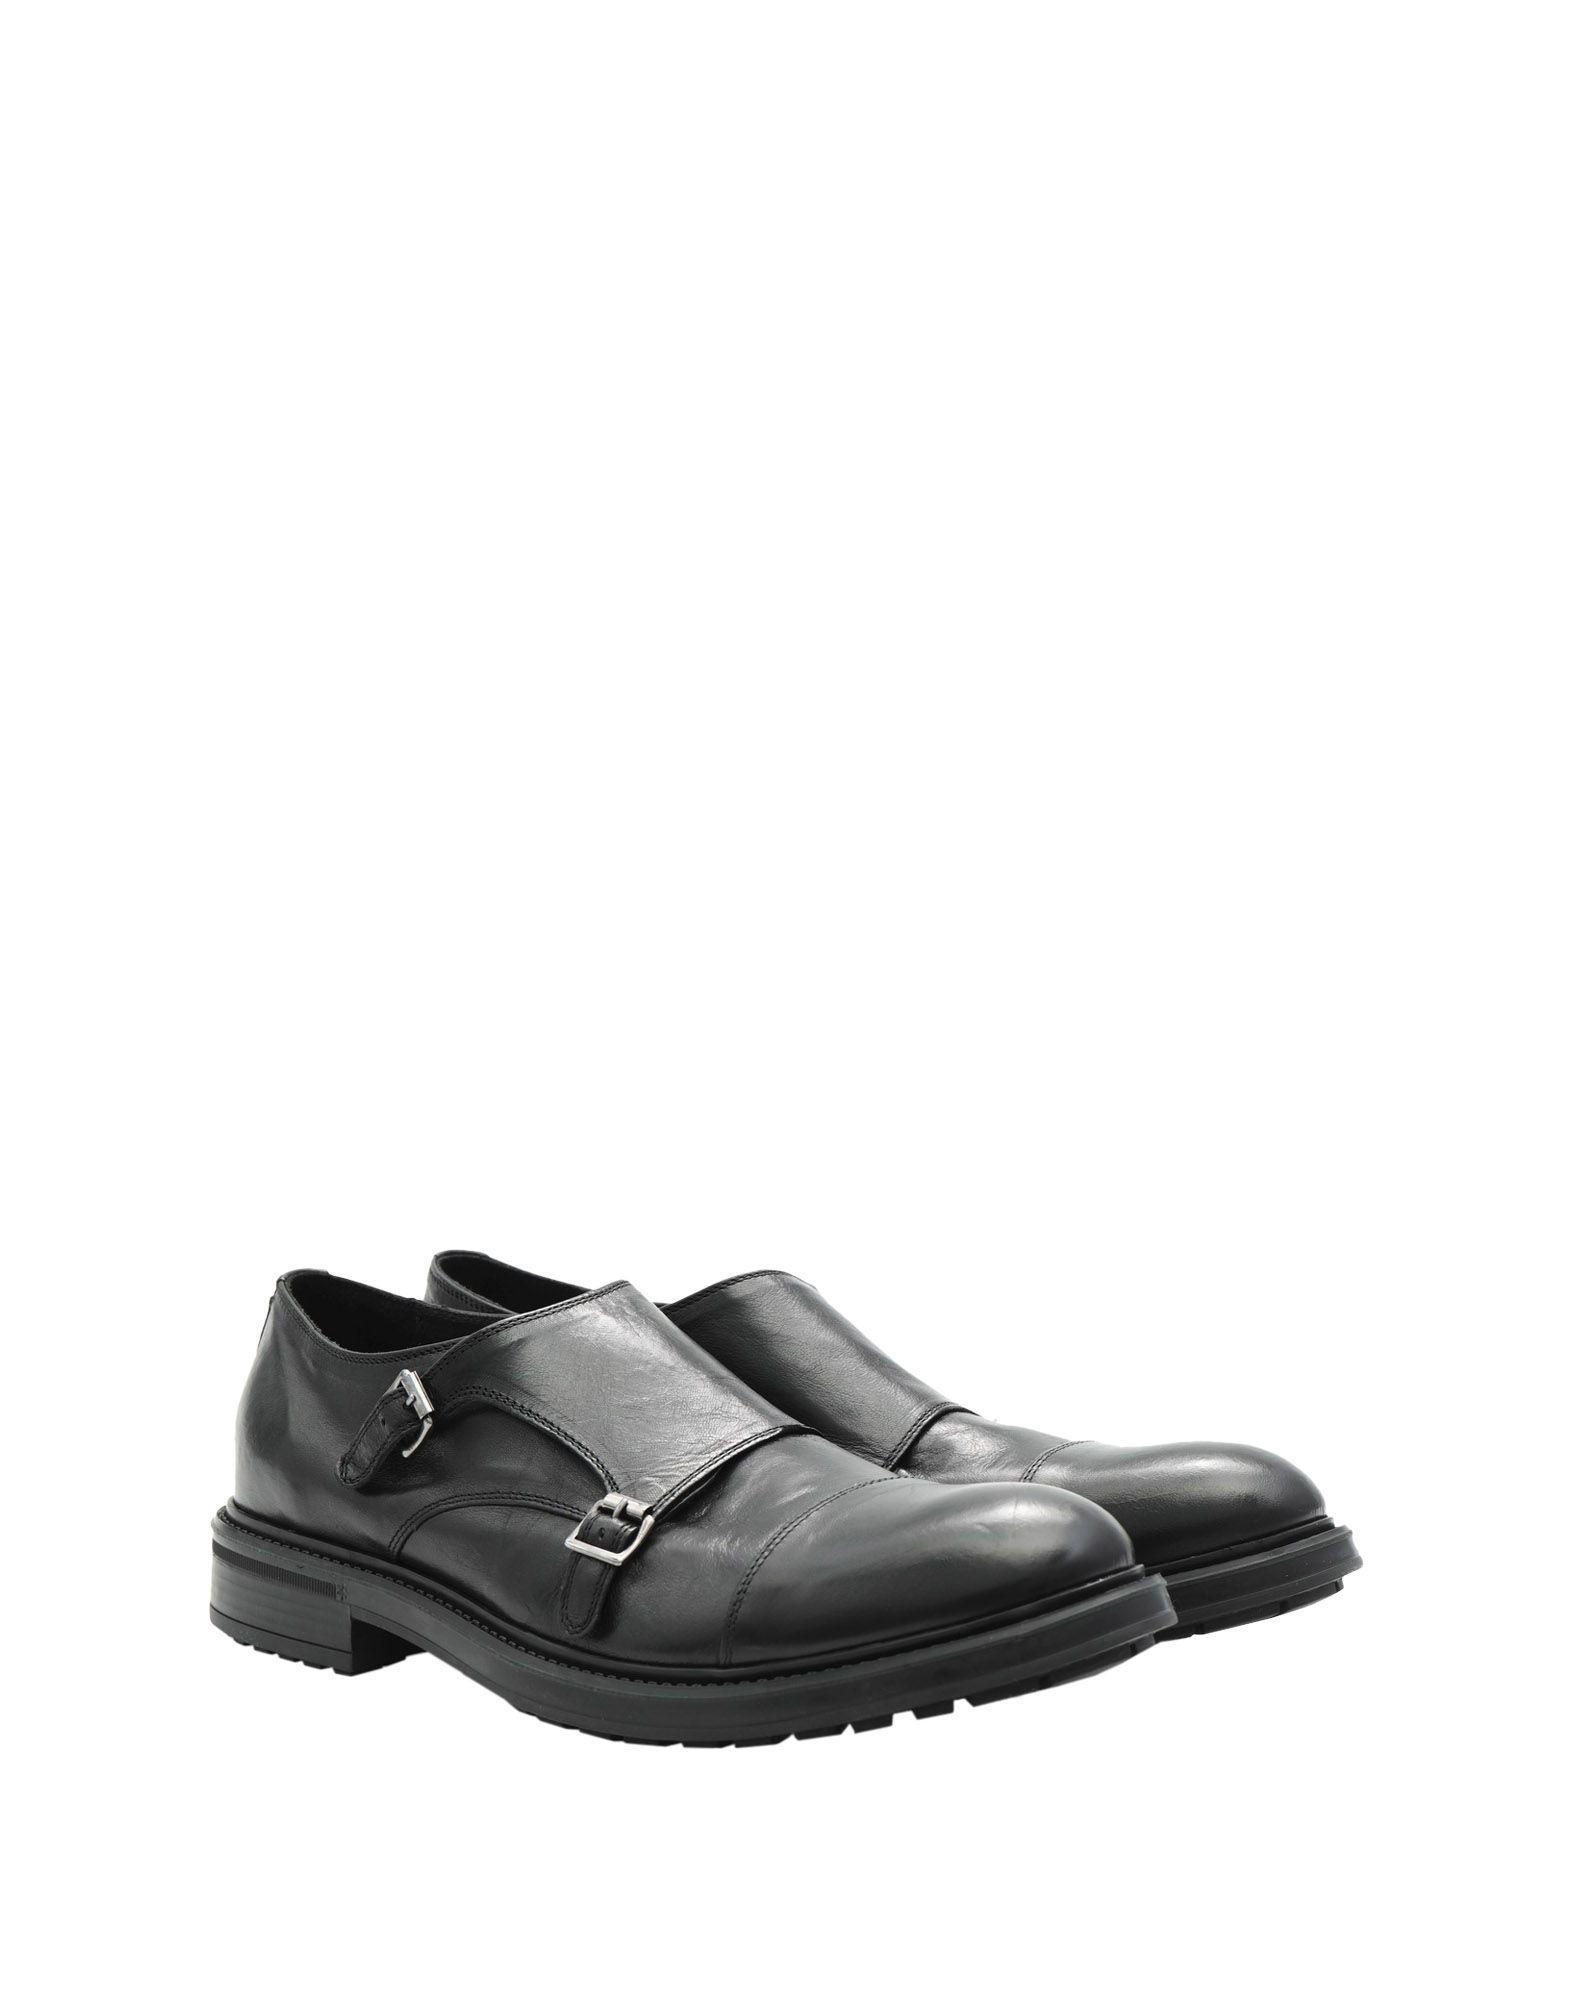 Eveet Mokassins Herren  beliebte 11524626PO Gute Qualität beliebte  Schuhe 14a45f